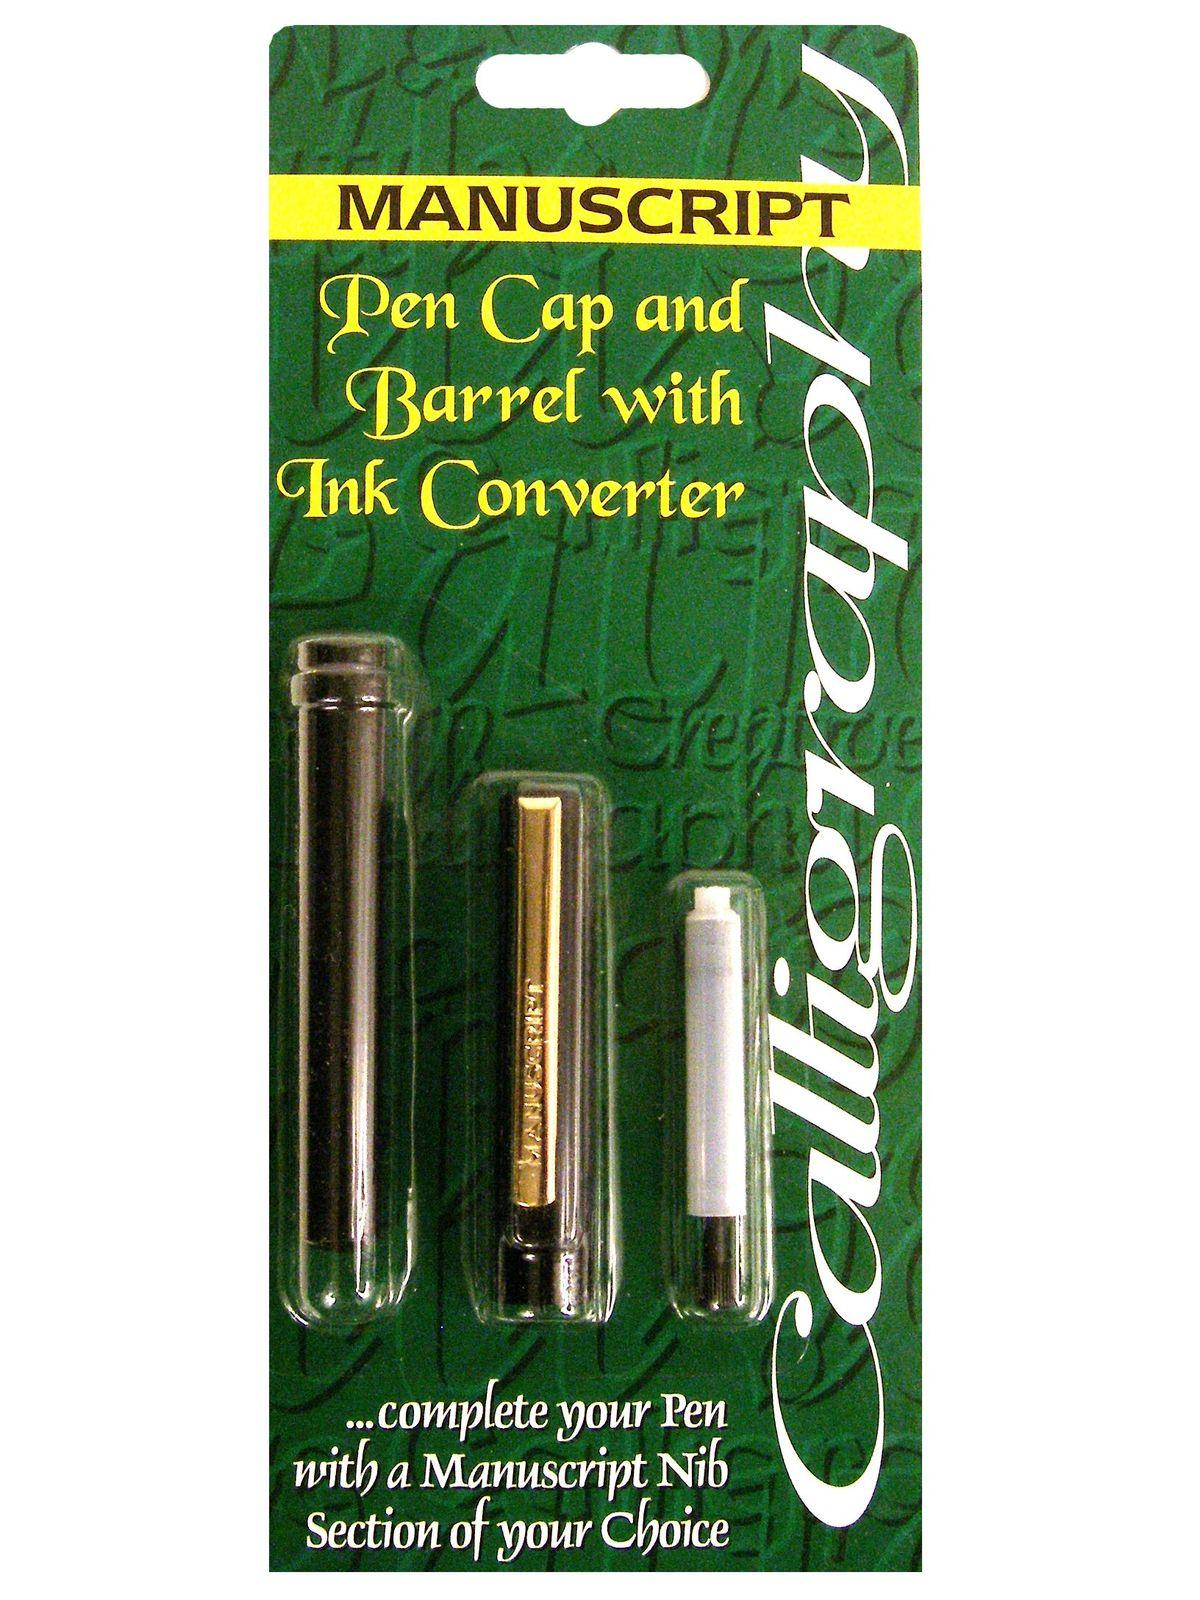 Manuscript Standard Calligraphy Pen Cap And Barrel With